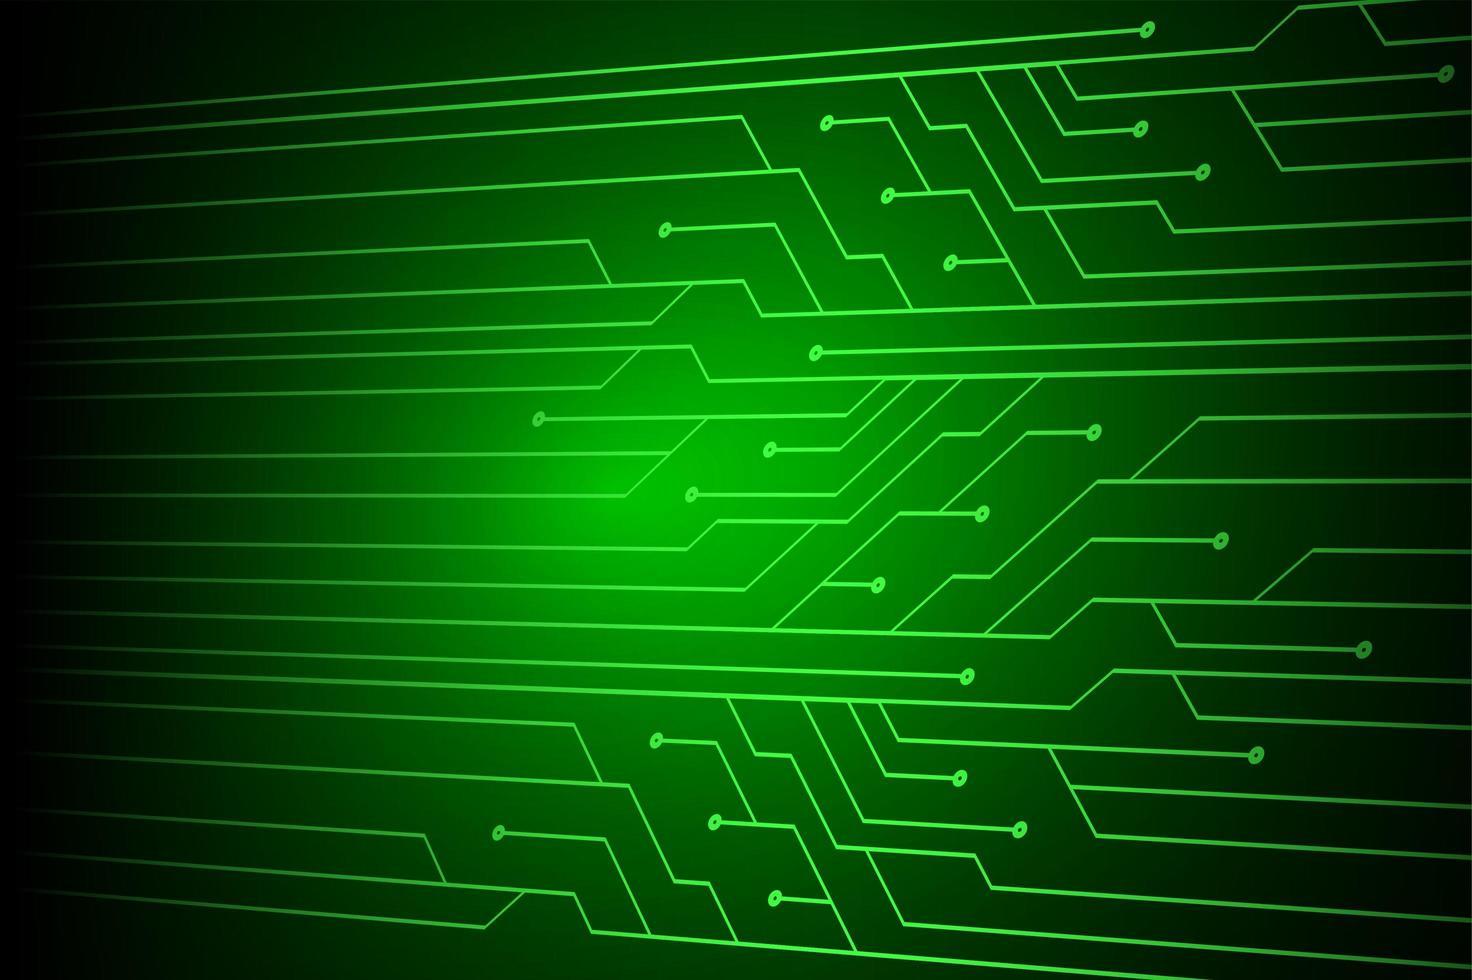 technologie future du cyber-circuit vert simple vecteur